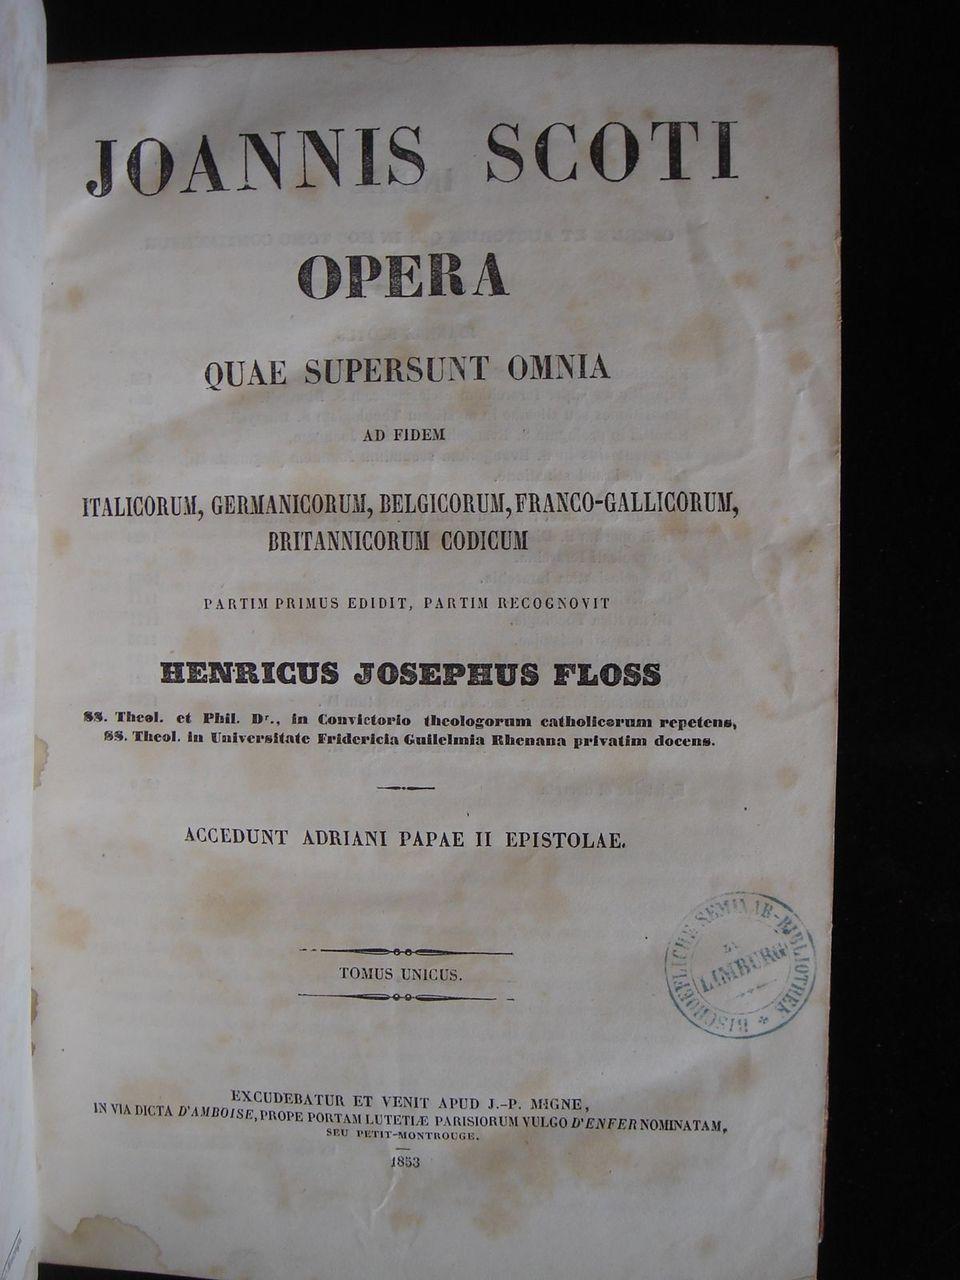 Joannis Scoti Opera Quae Supersunt Omnia - 1853